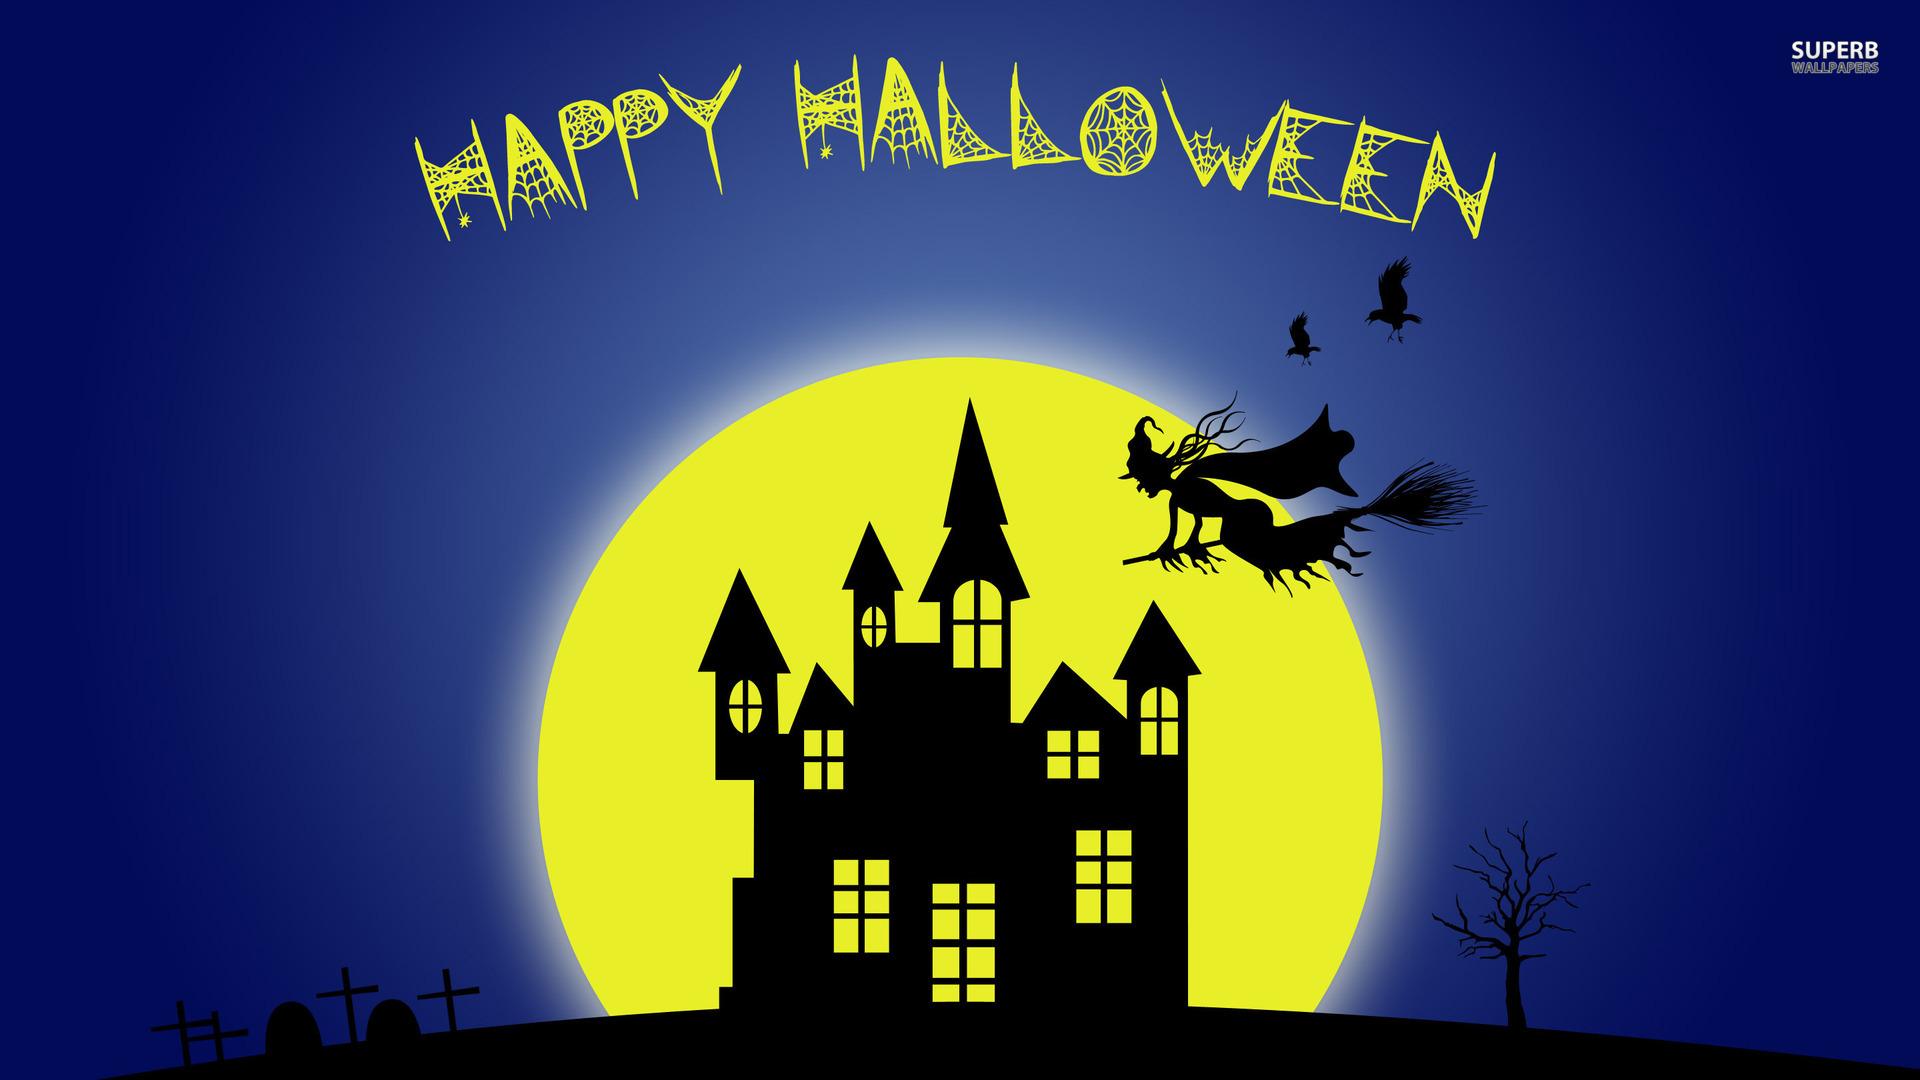 happy-halloween-24088-1920x1080